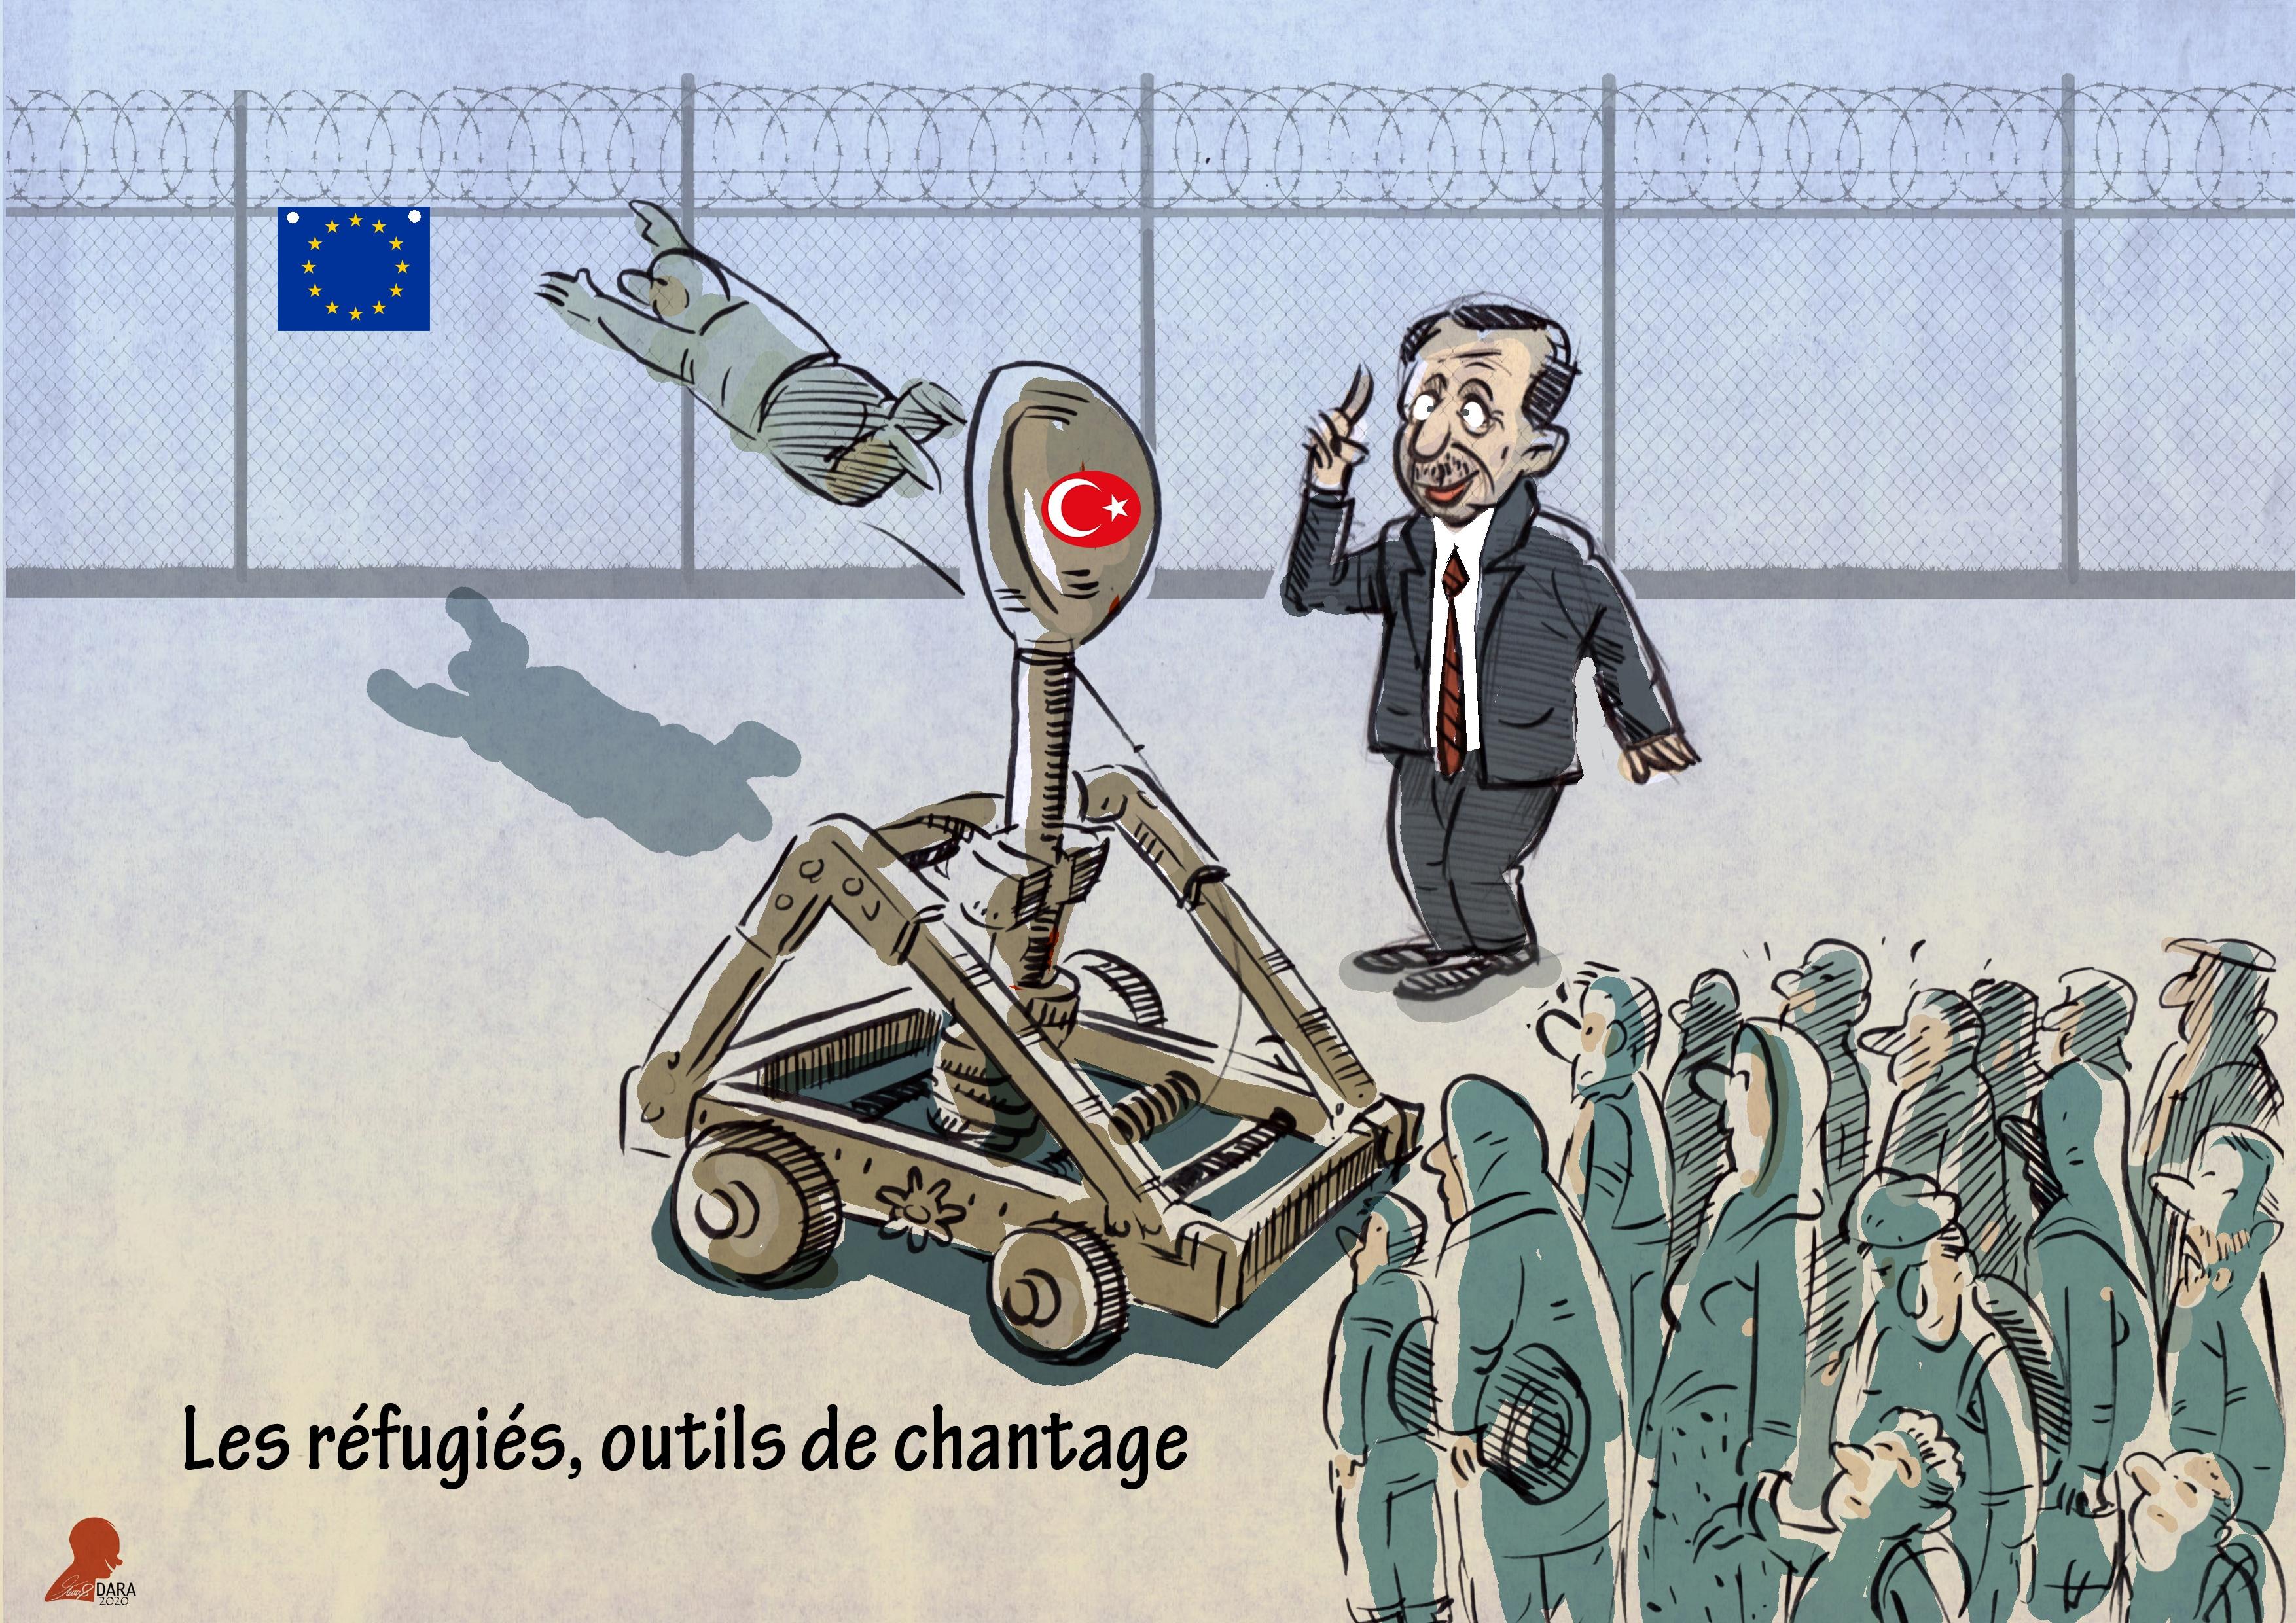 Les réfugiés, outils de chantage